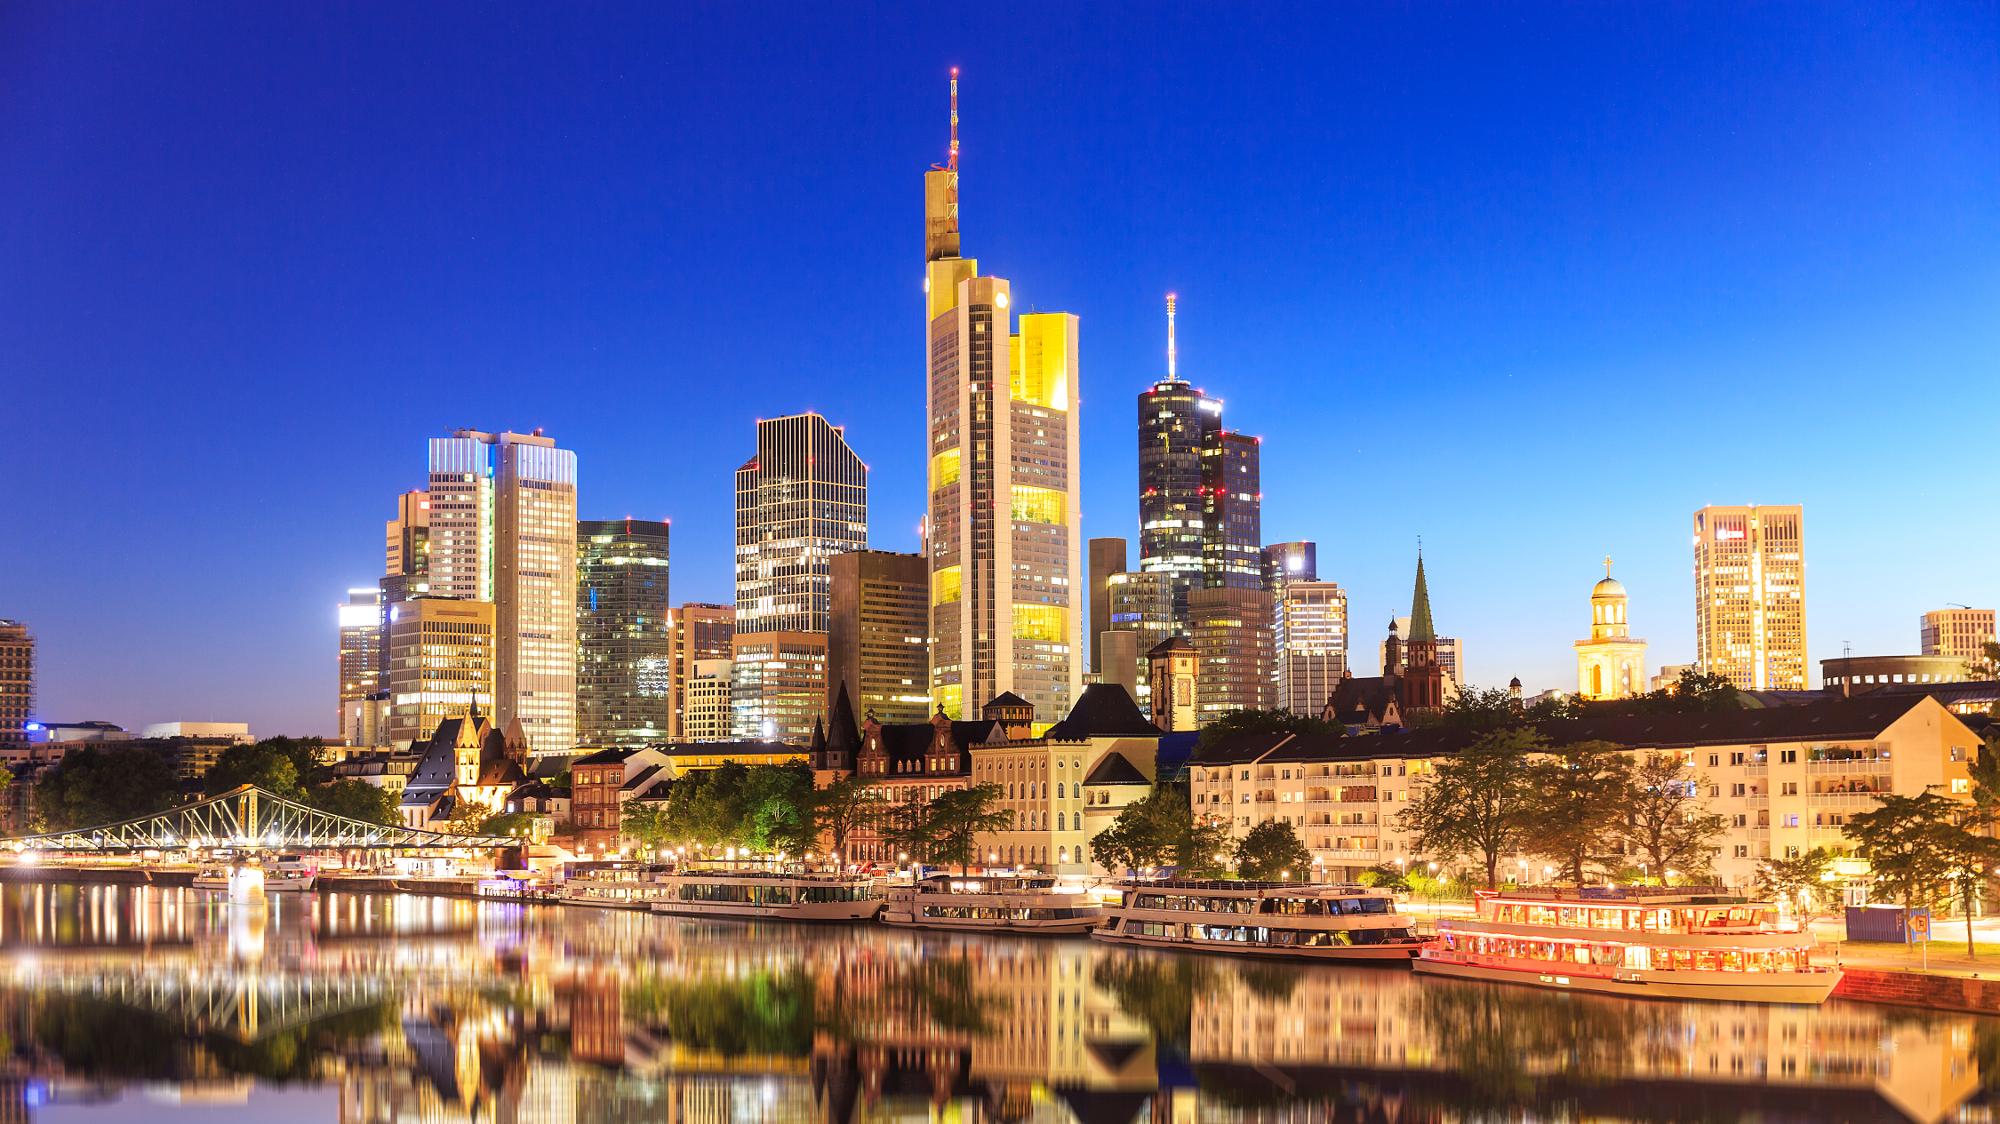 Frühjahrstagung der Deutschen Gesellschaft für Parodontologie e. V. (DG PARO) 2020